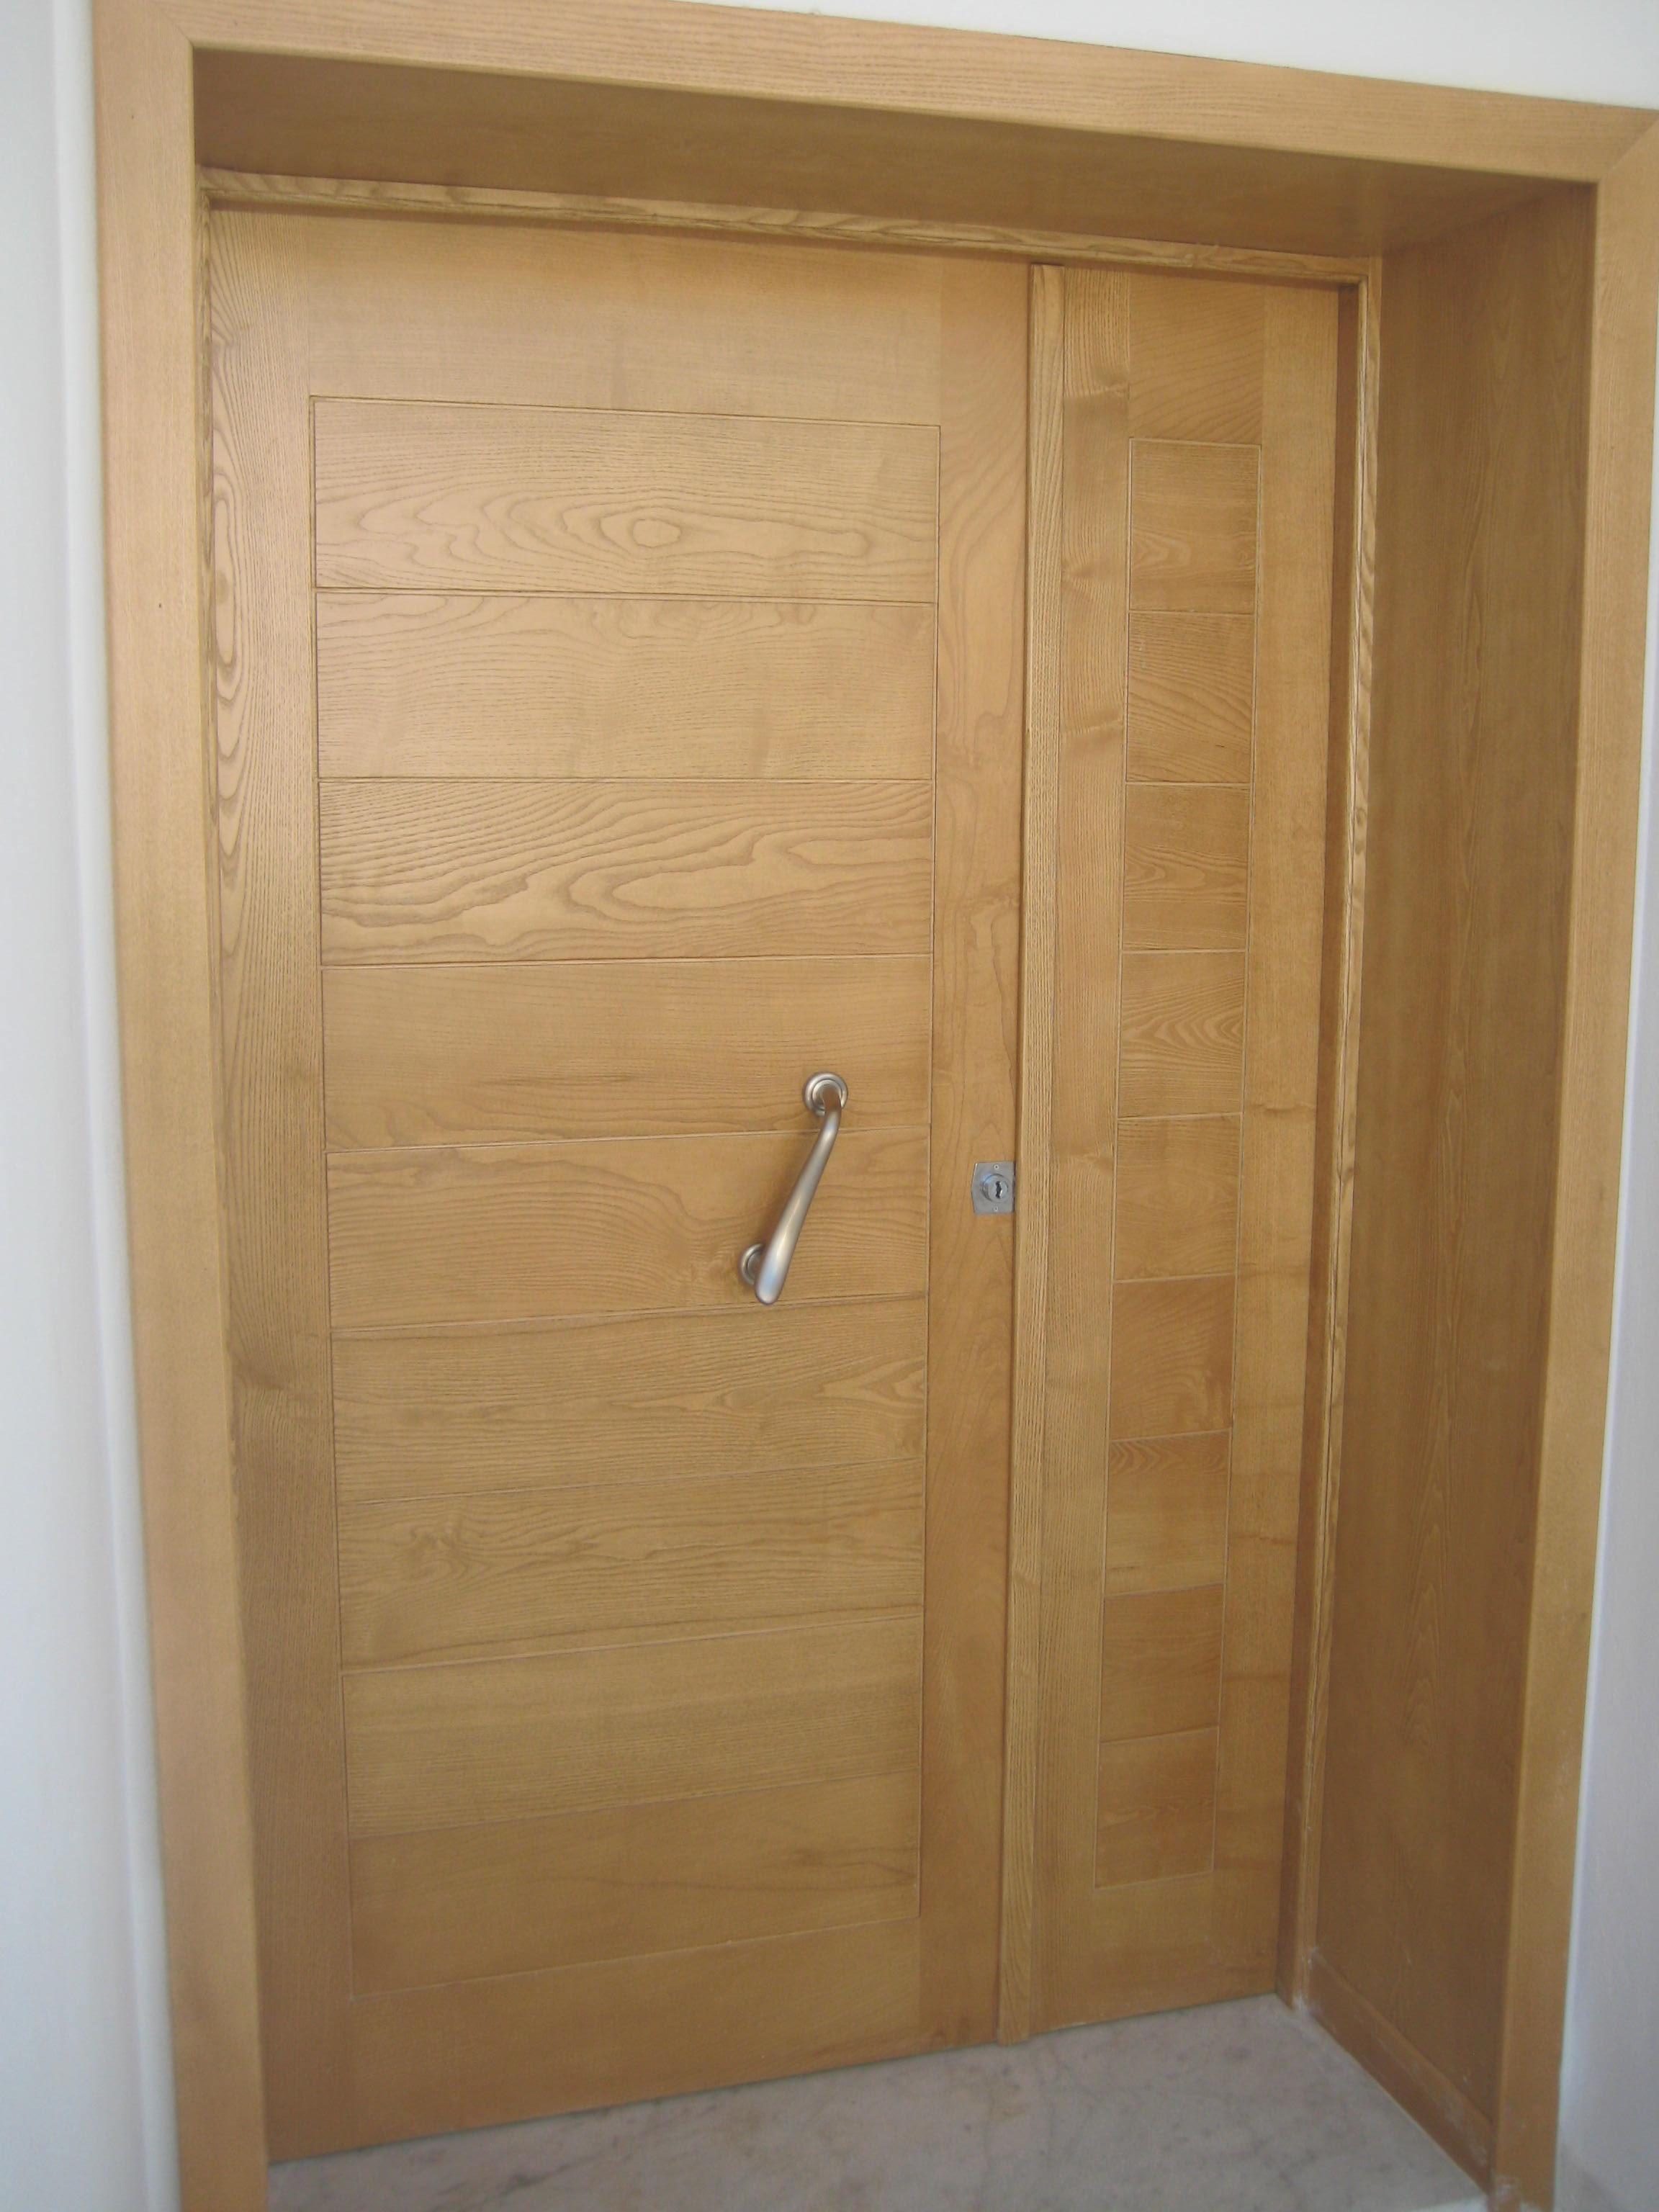 Portes haute gamme meubles et d coration tunisie for Le meuble tunisie